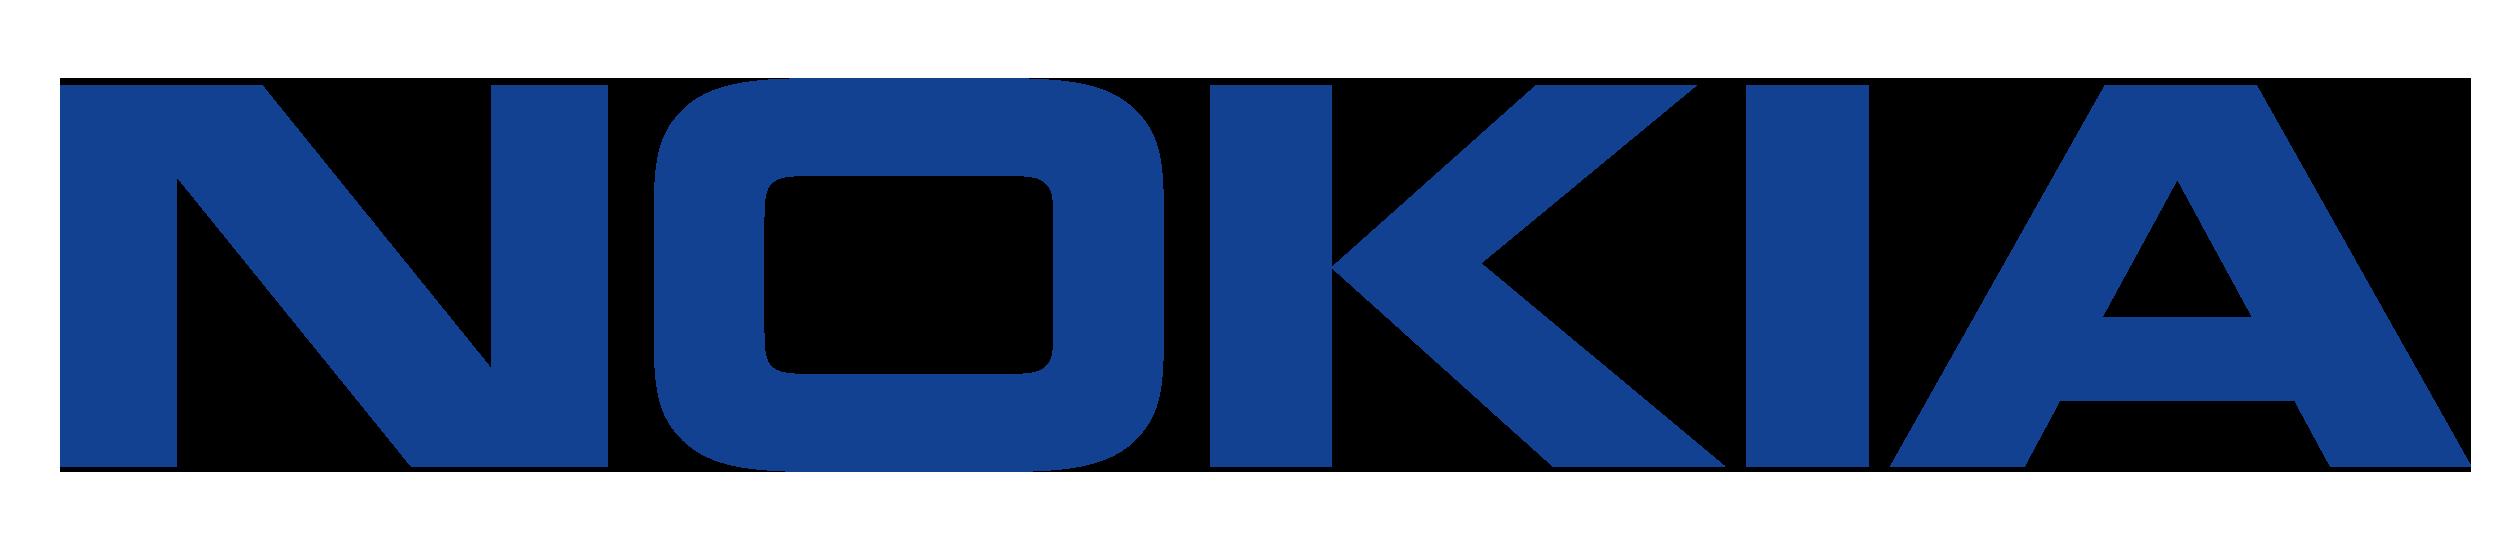 Nokia brand logos #1485